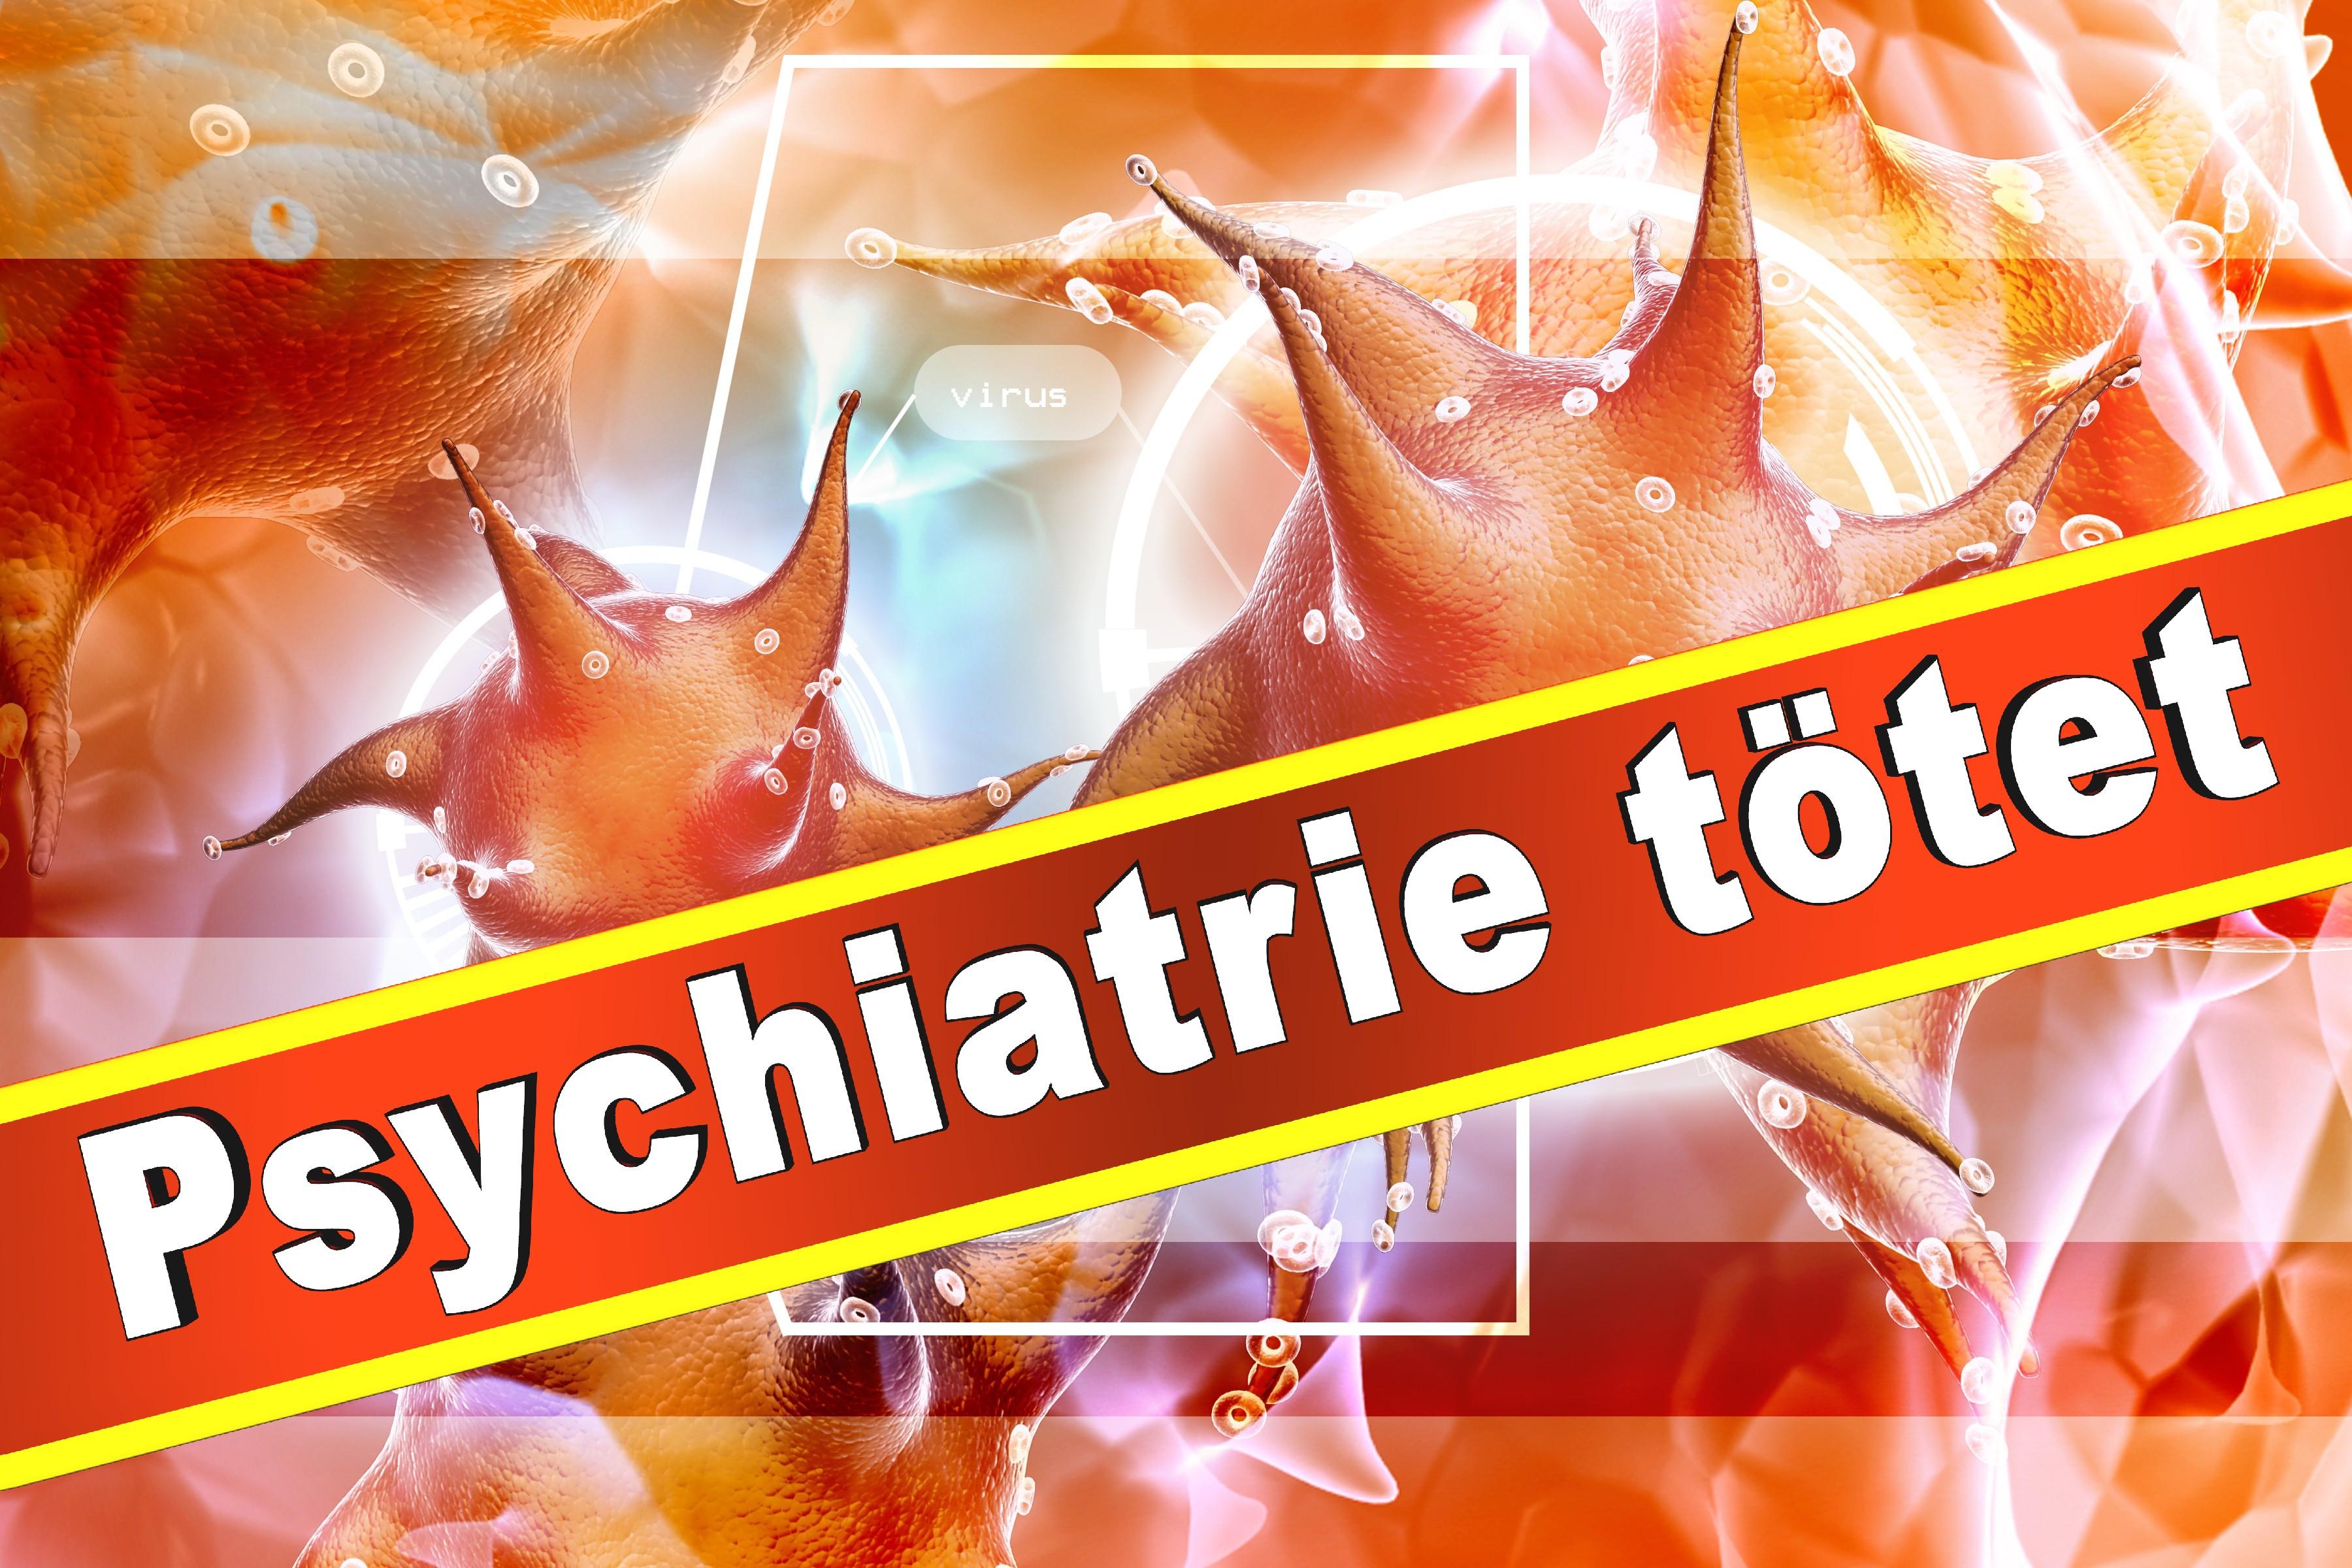 Wielant Machleidt Psychiater Psychotherapeut Professor Praxis Der Interkulturellen Psychiatrie Und Psychotherapie Medizinische Hochschule Hannover Klinik Für Psychiatrie Sozialpsychiatrie (26)